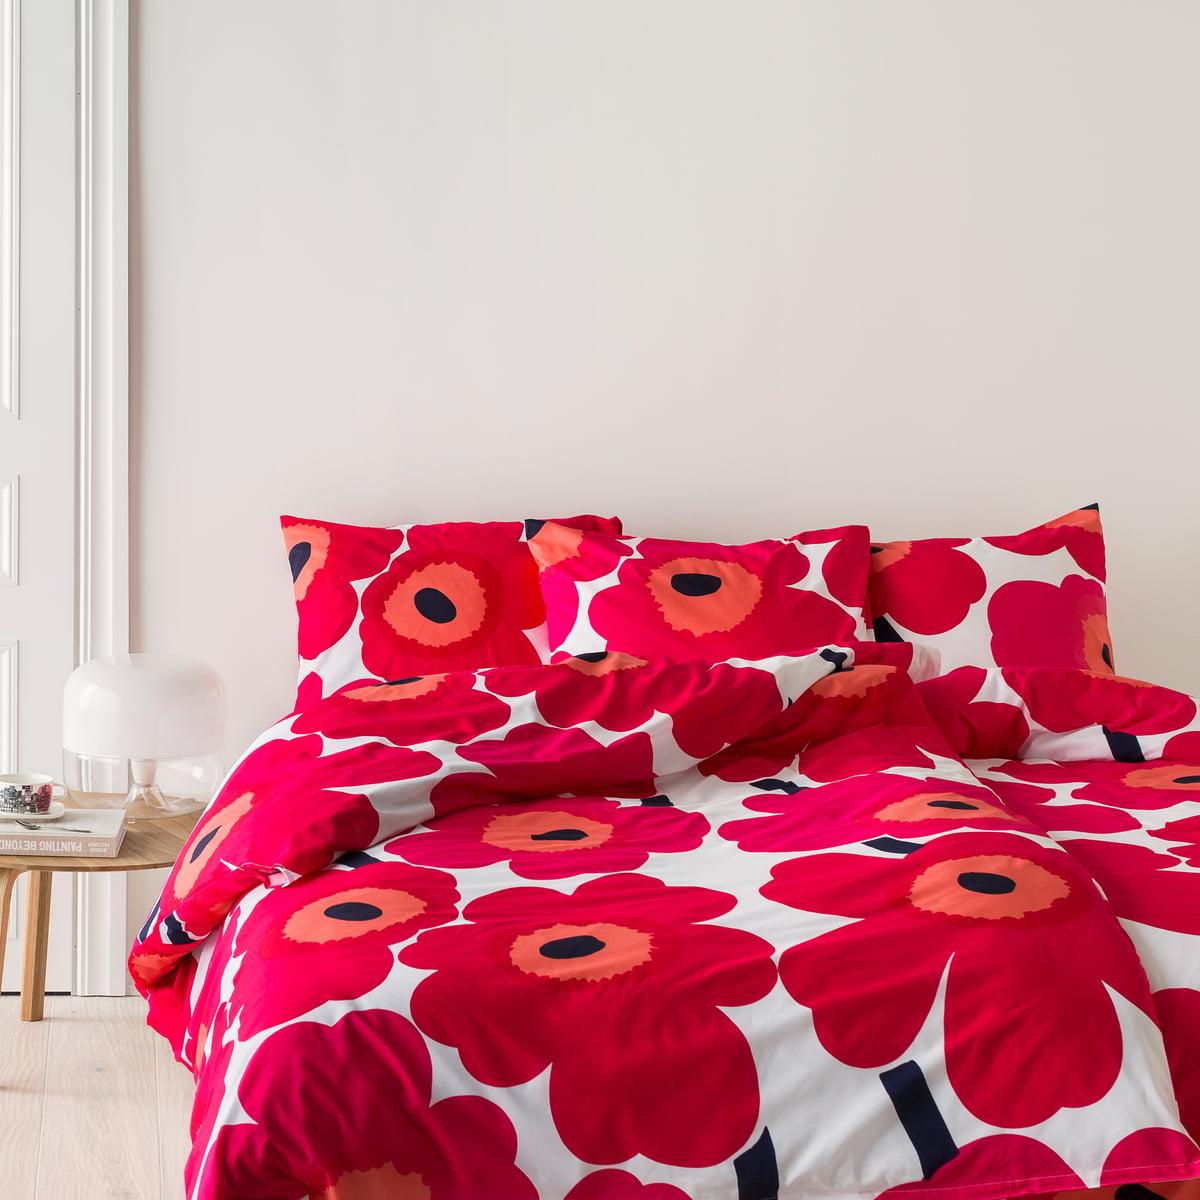 unikko deckenbezug von marimekko connox. Black Bedroom Furniture Sets. Home Design Ideas